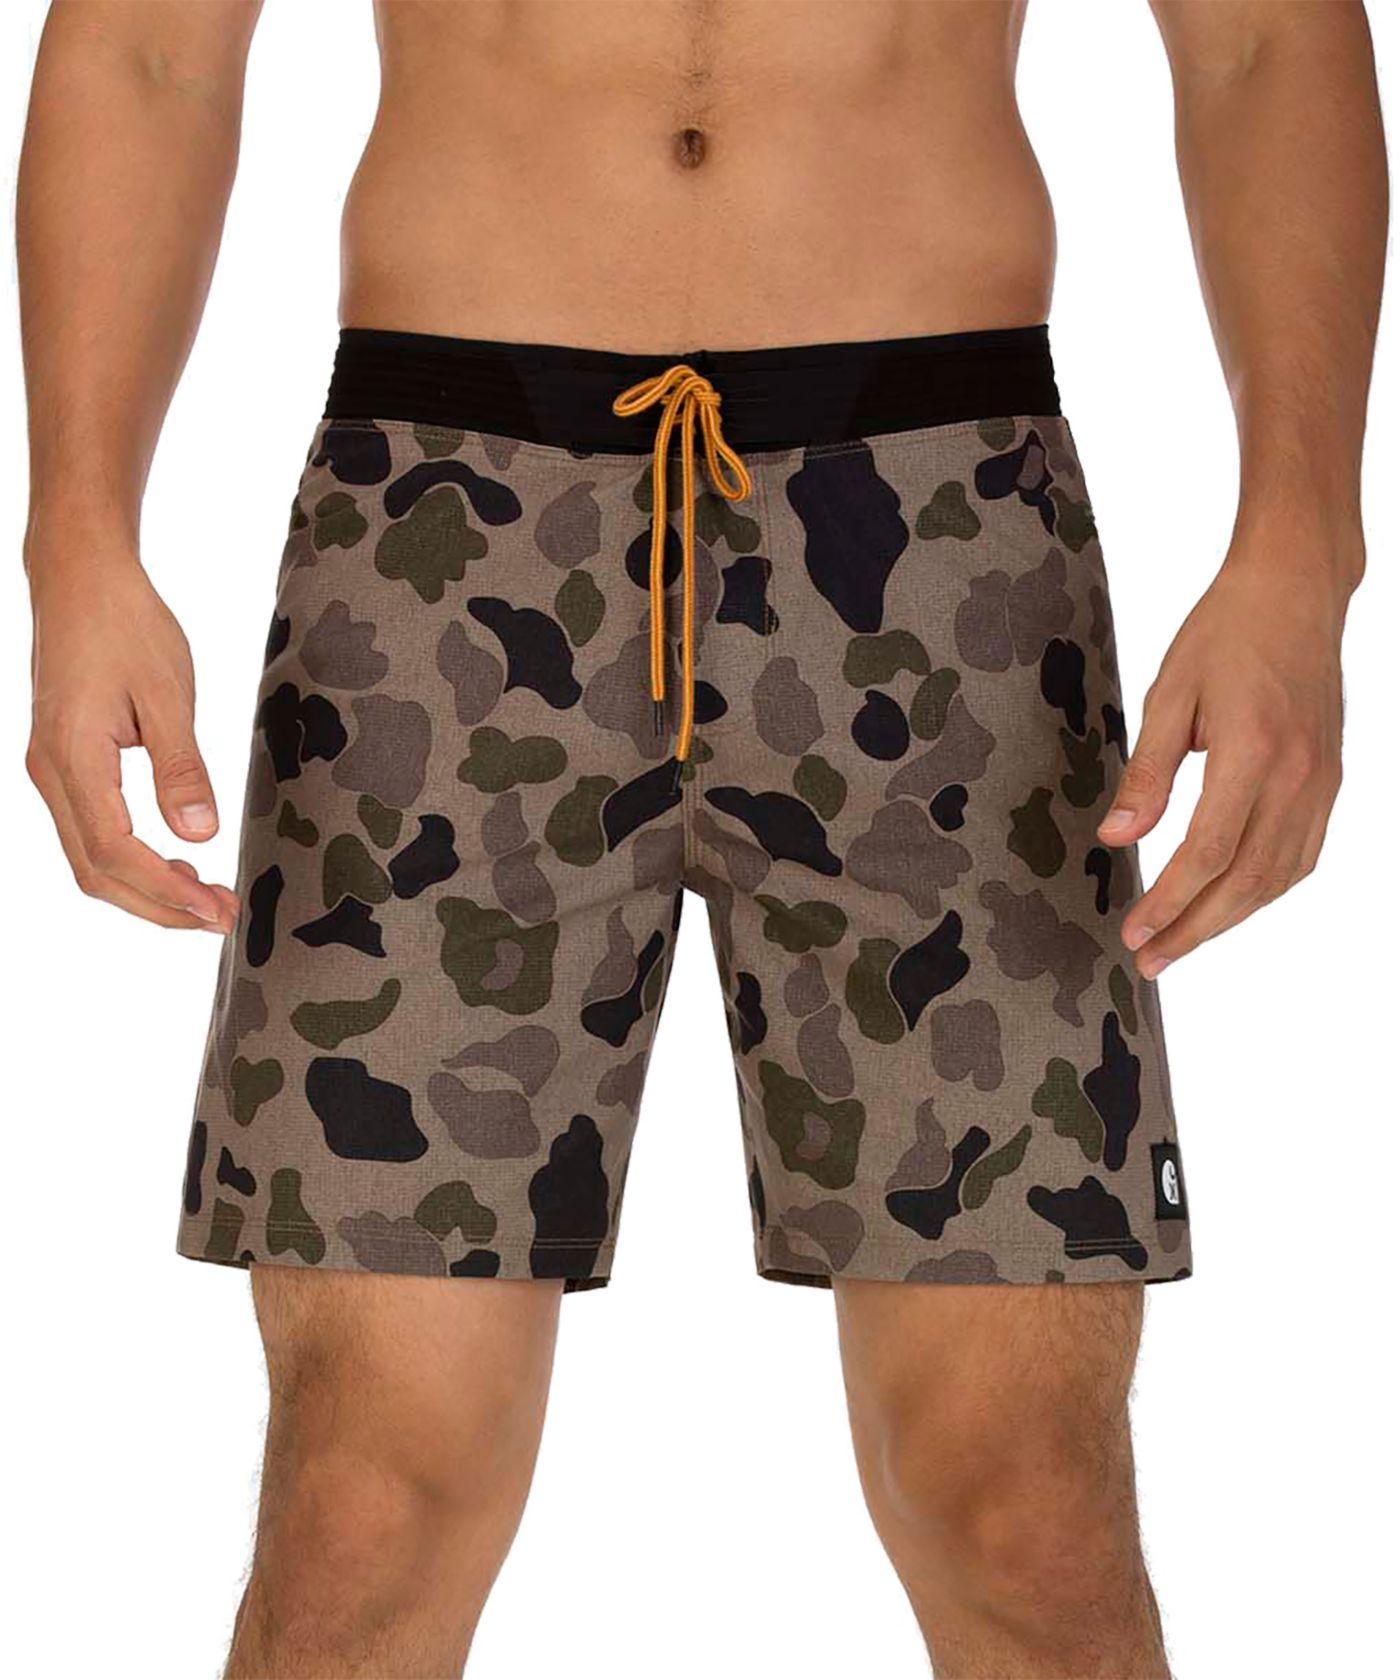 Hurley Men's HW Carhartt Board Shorts